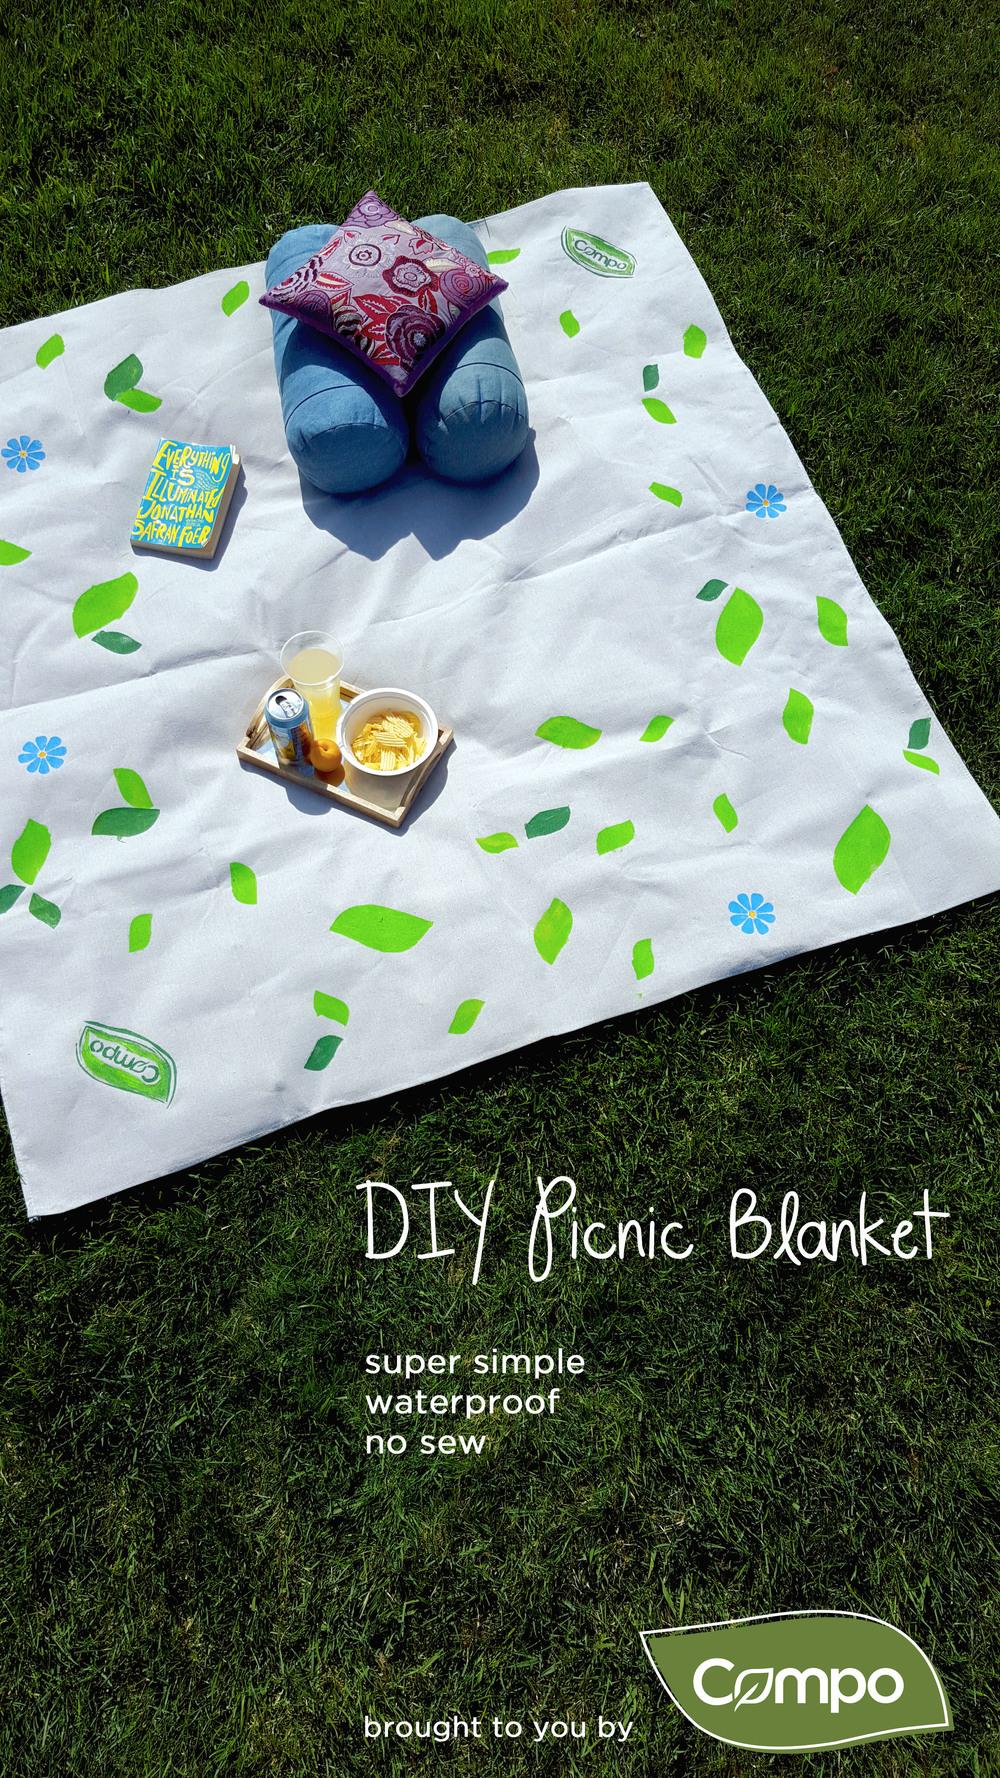 DIY Picnic Blanket Tutorial_Compo Picnicware